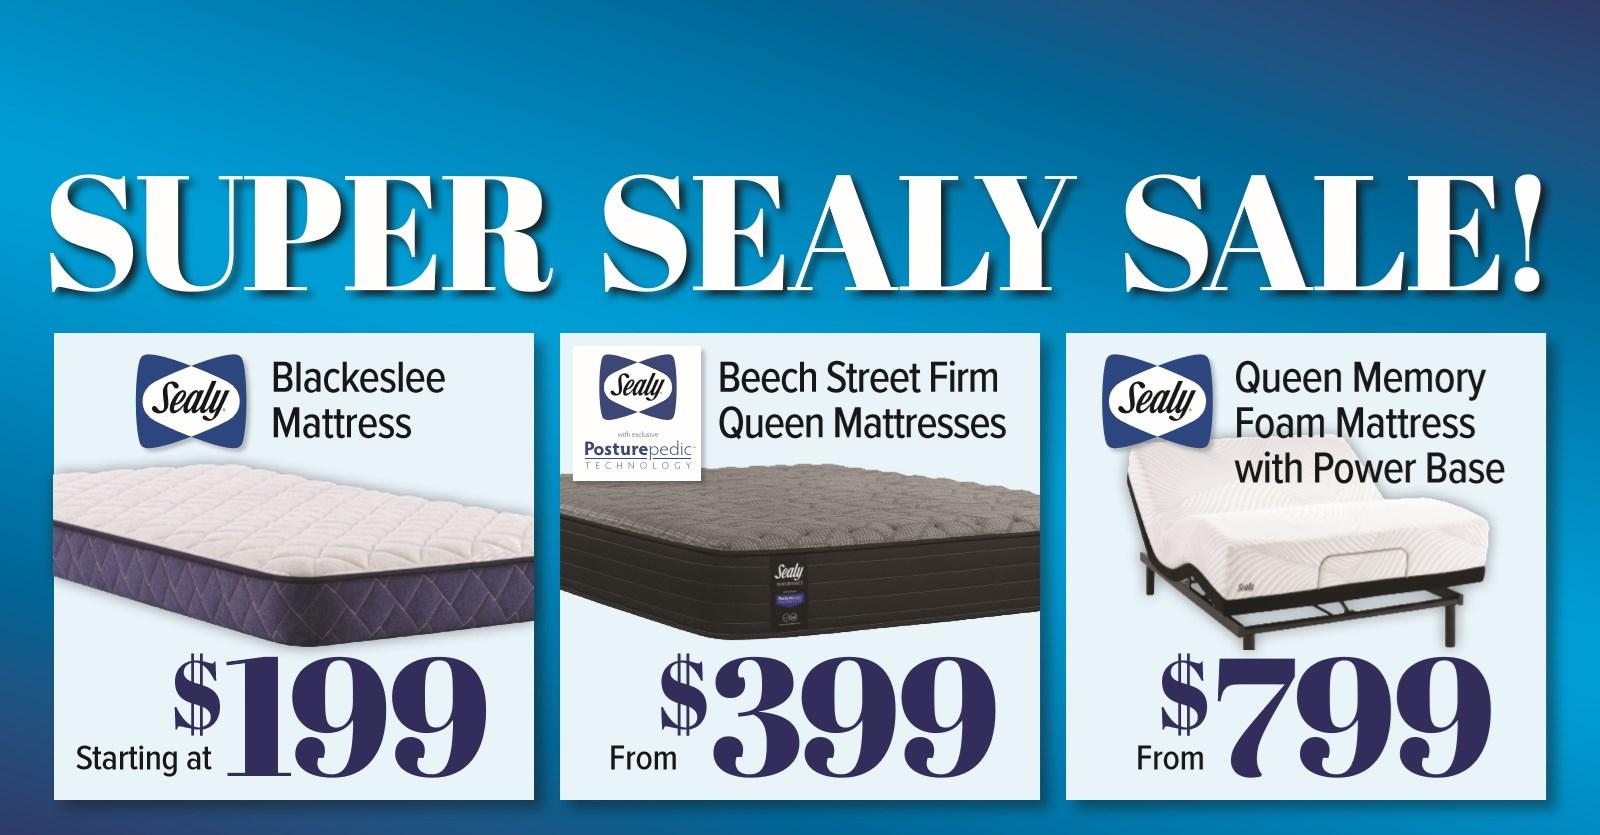 Super Sealy Sale